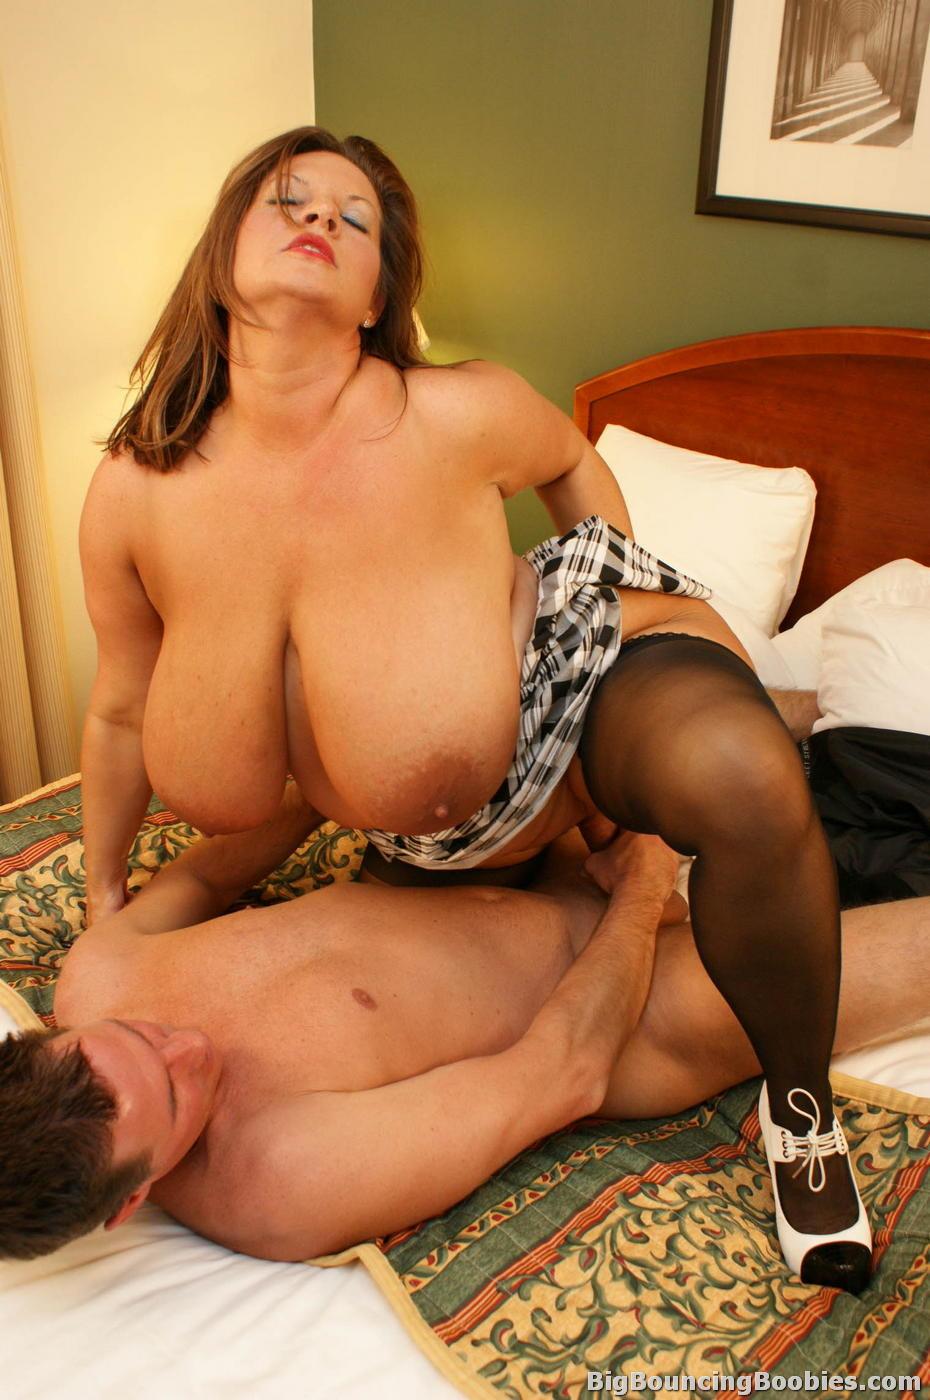 Трахнул мамочку зрелые сисястые женщины в порно